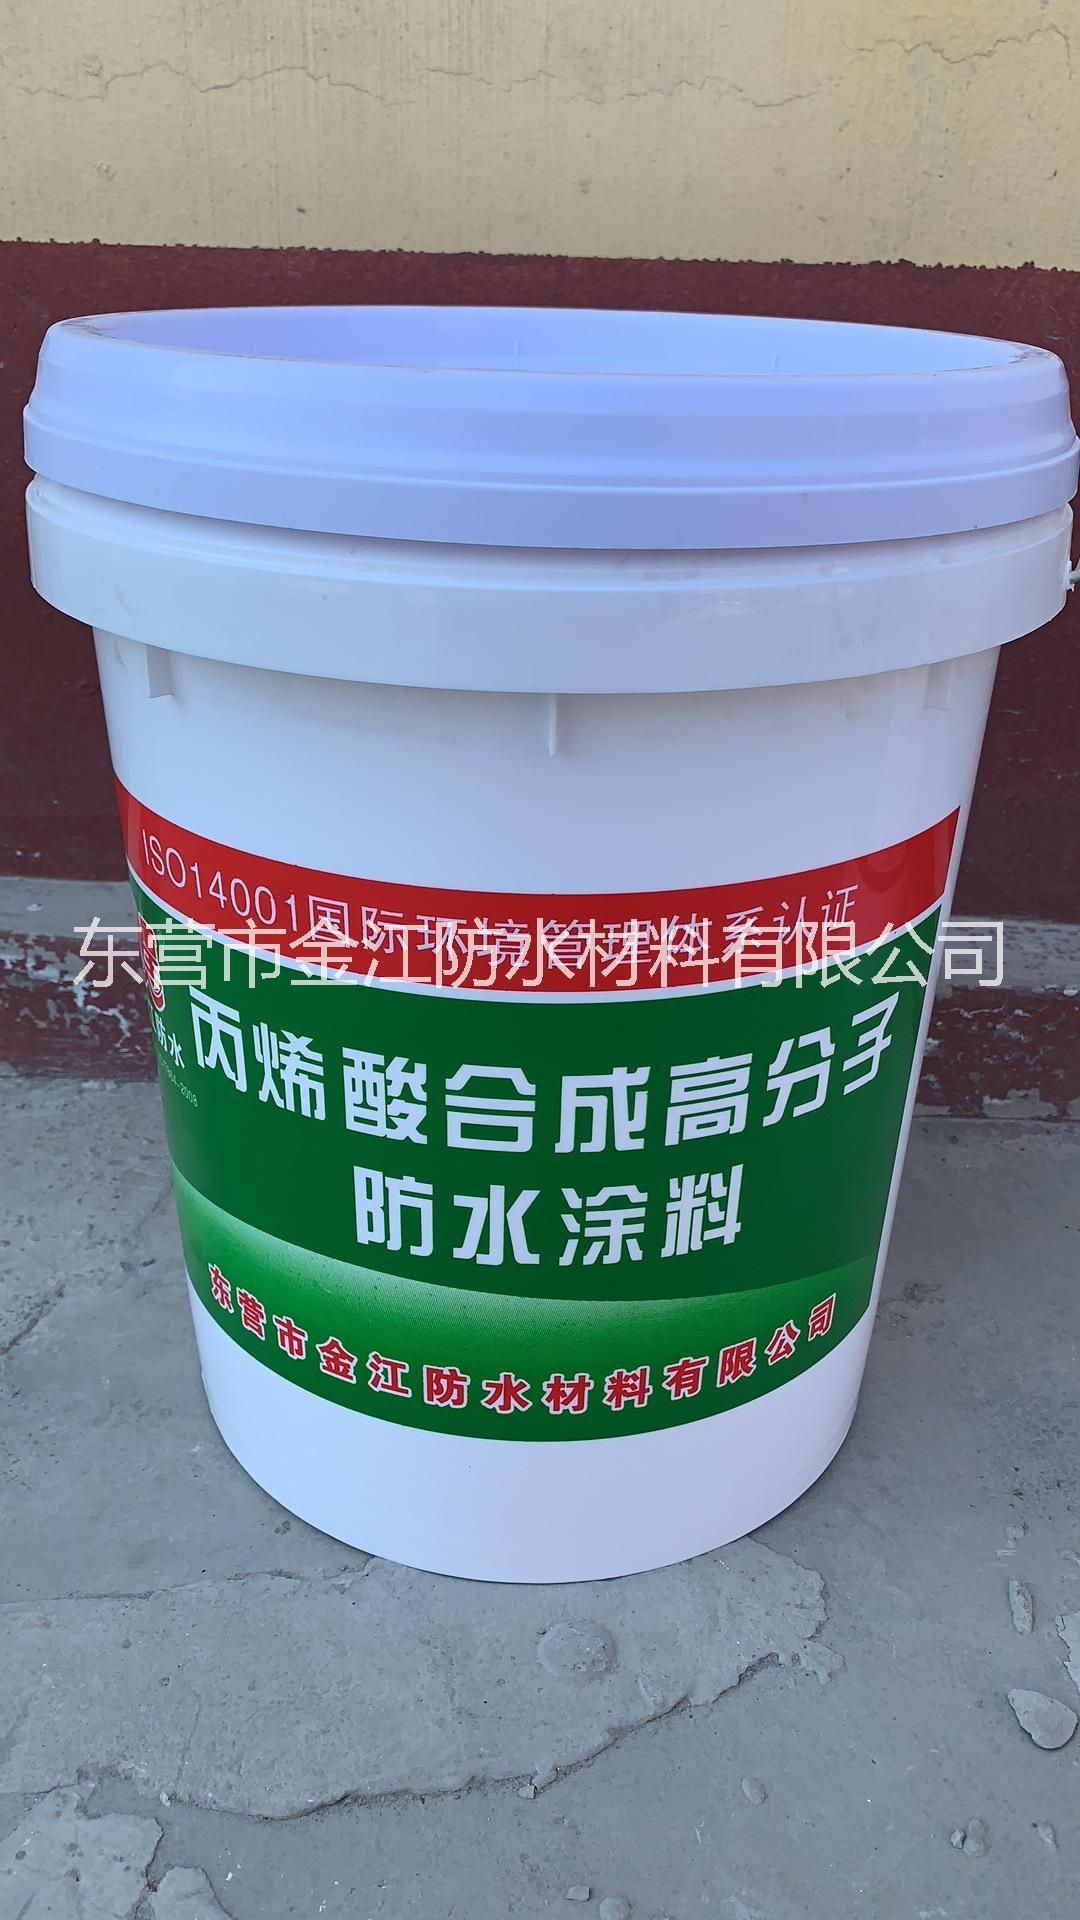 丙烯酸高分子聚合物防水涂料 直销丙烯酸合成高分子防水涂料 高分子防水涂料 丙烯酸防水涂料